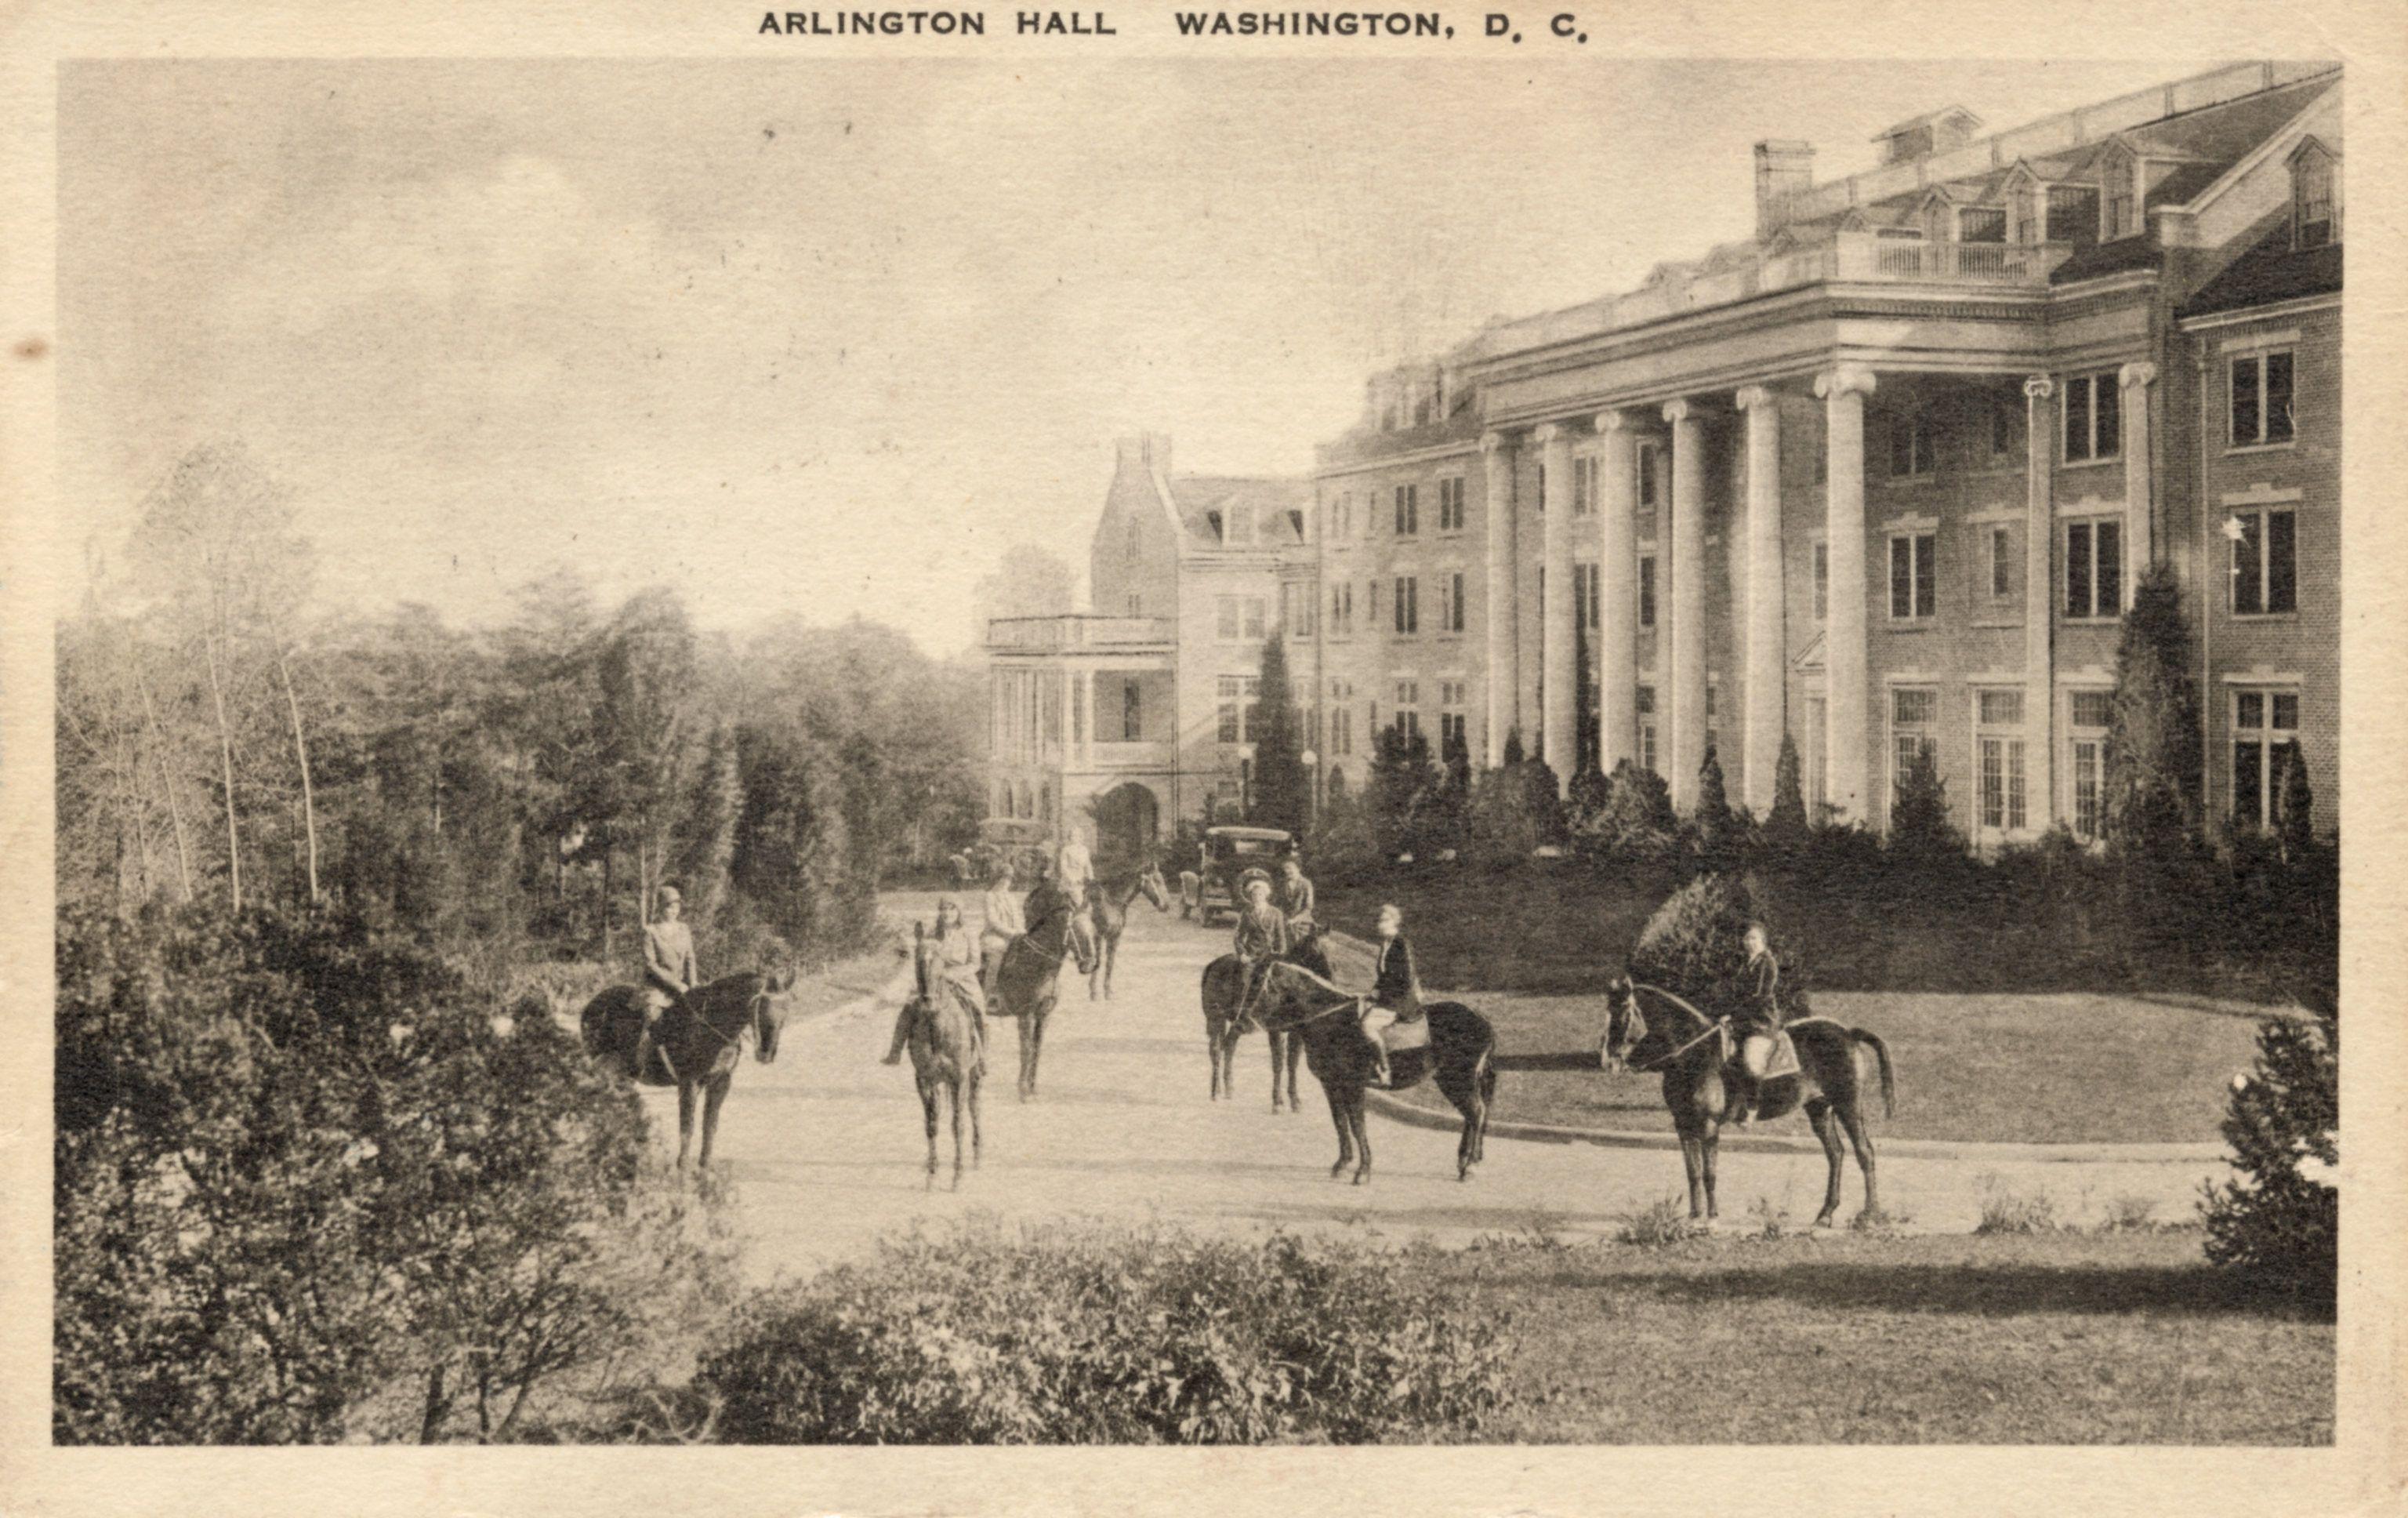 Arlington hall in 2020 college junior arlington